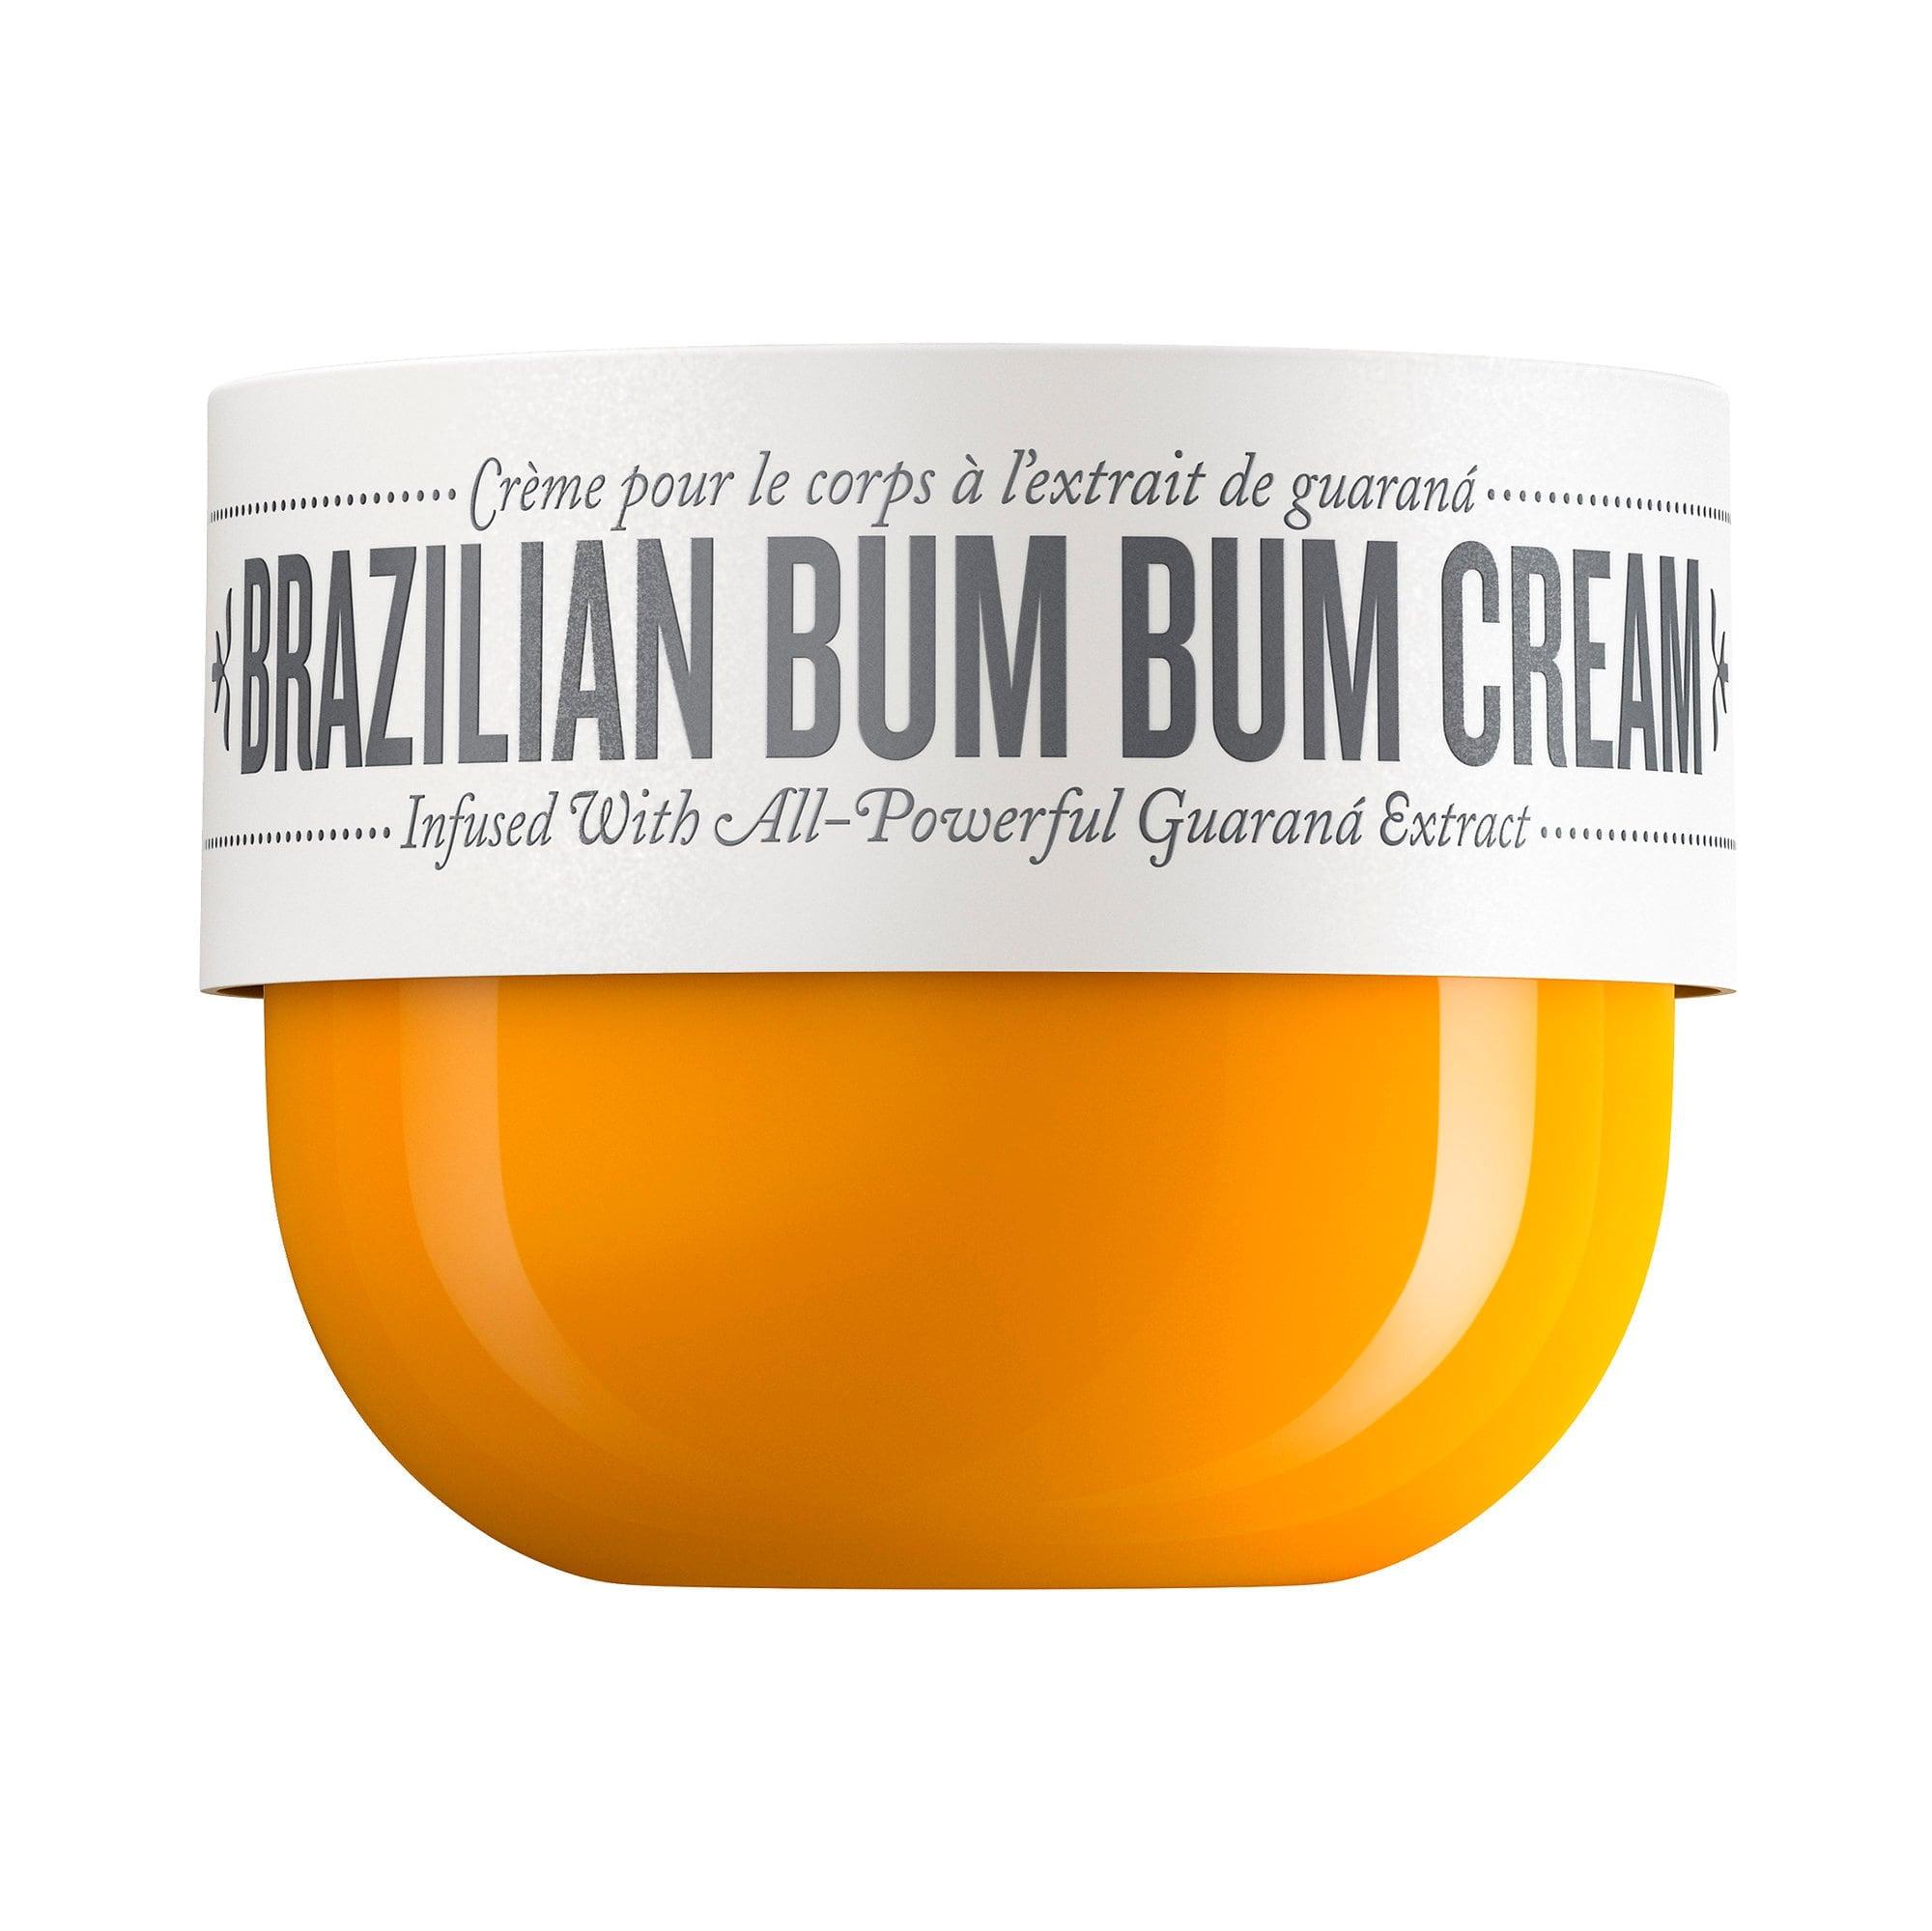 Image result for bum bum cream